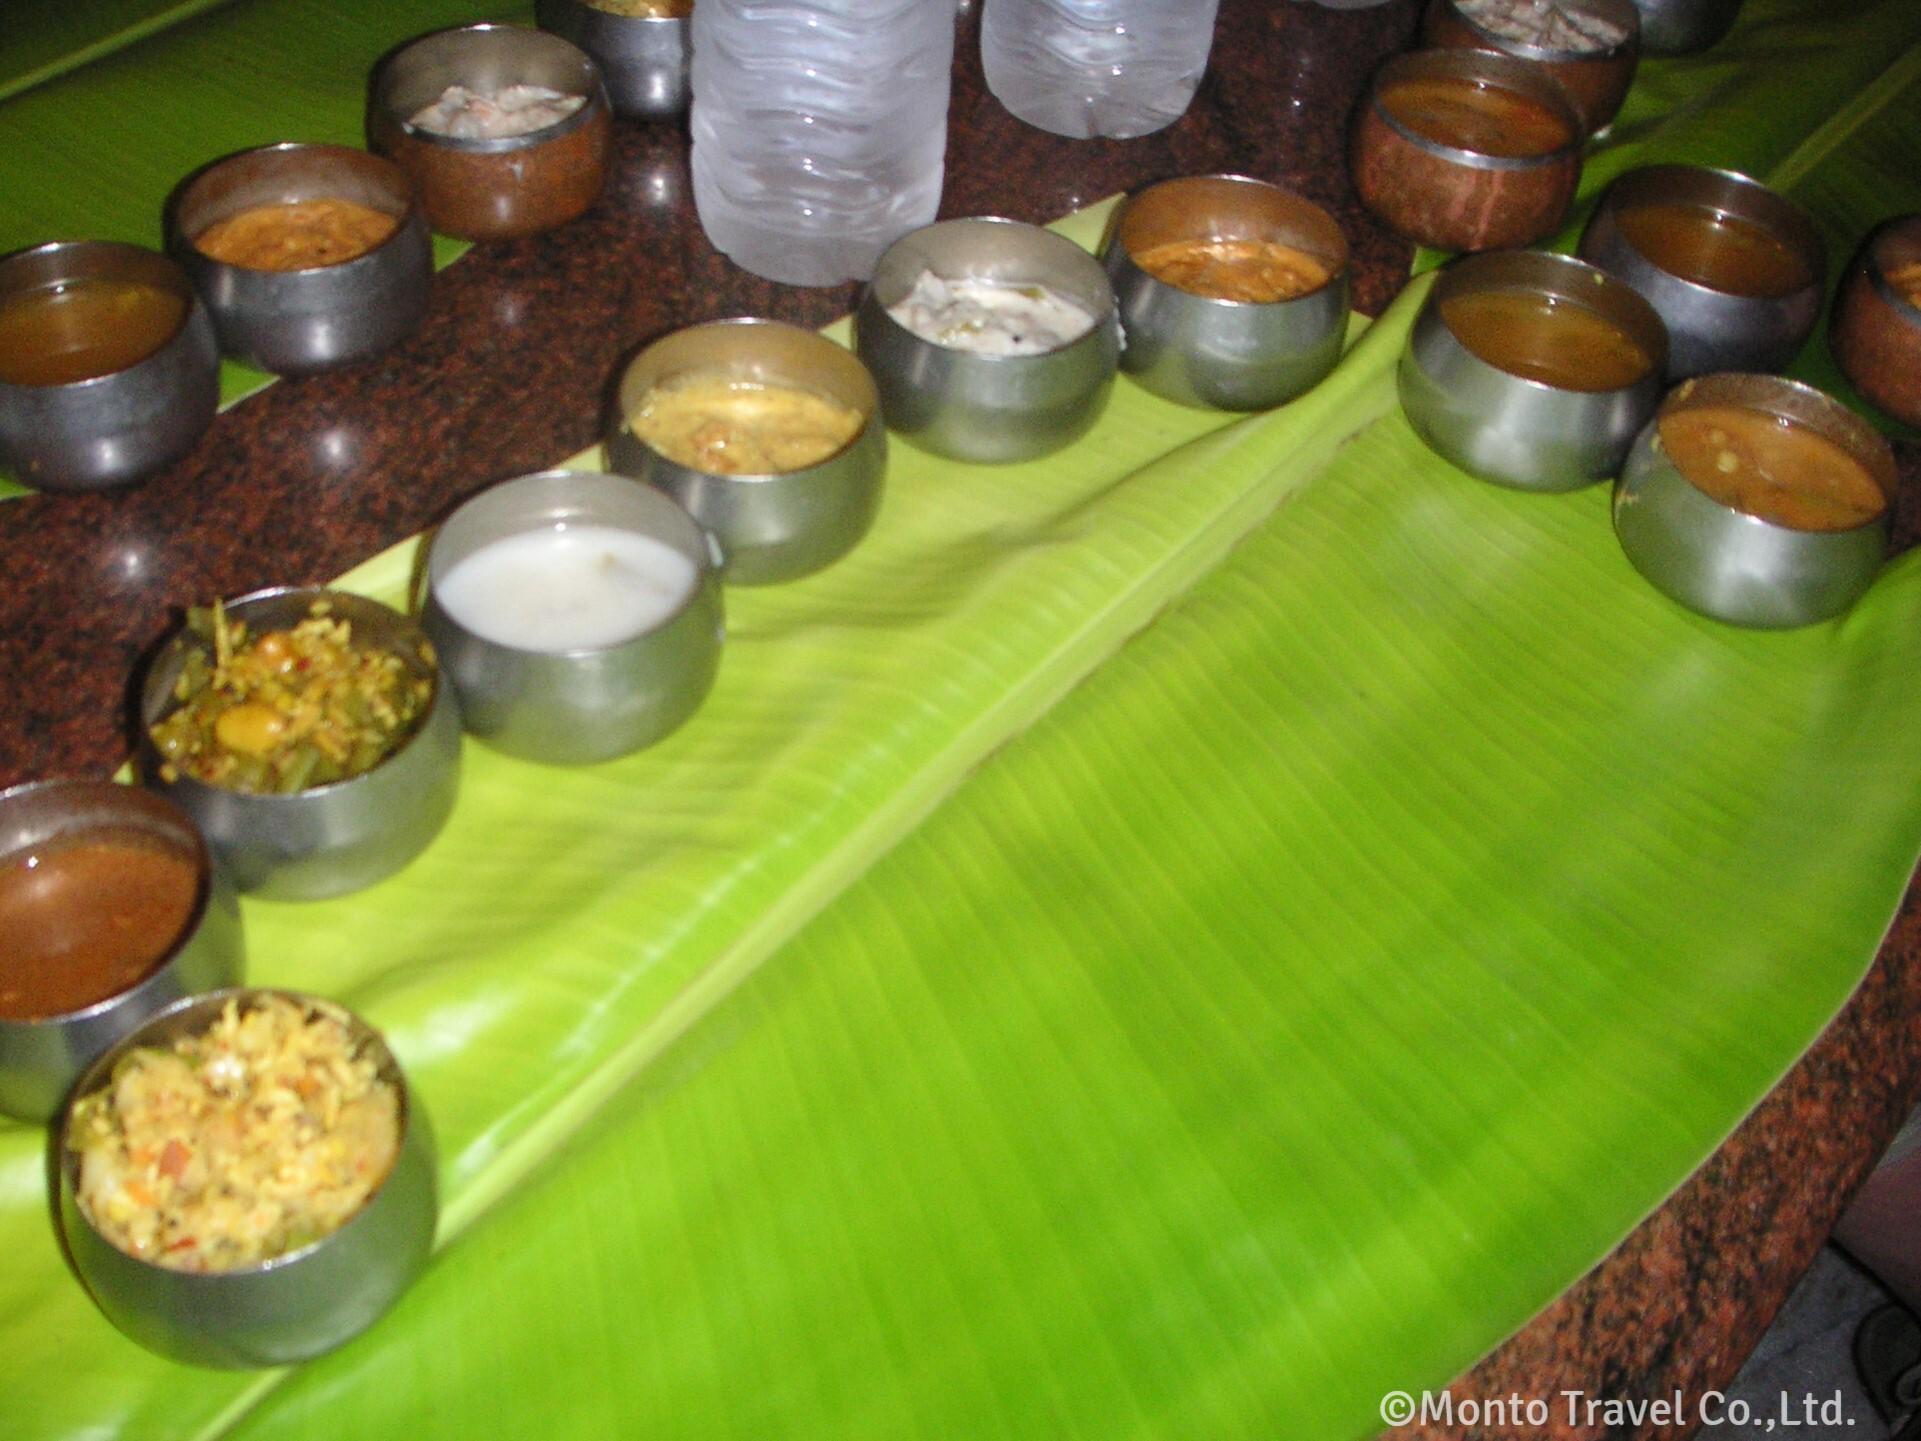 南インドの定食ミールス バナナの葉っぱのお皿